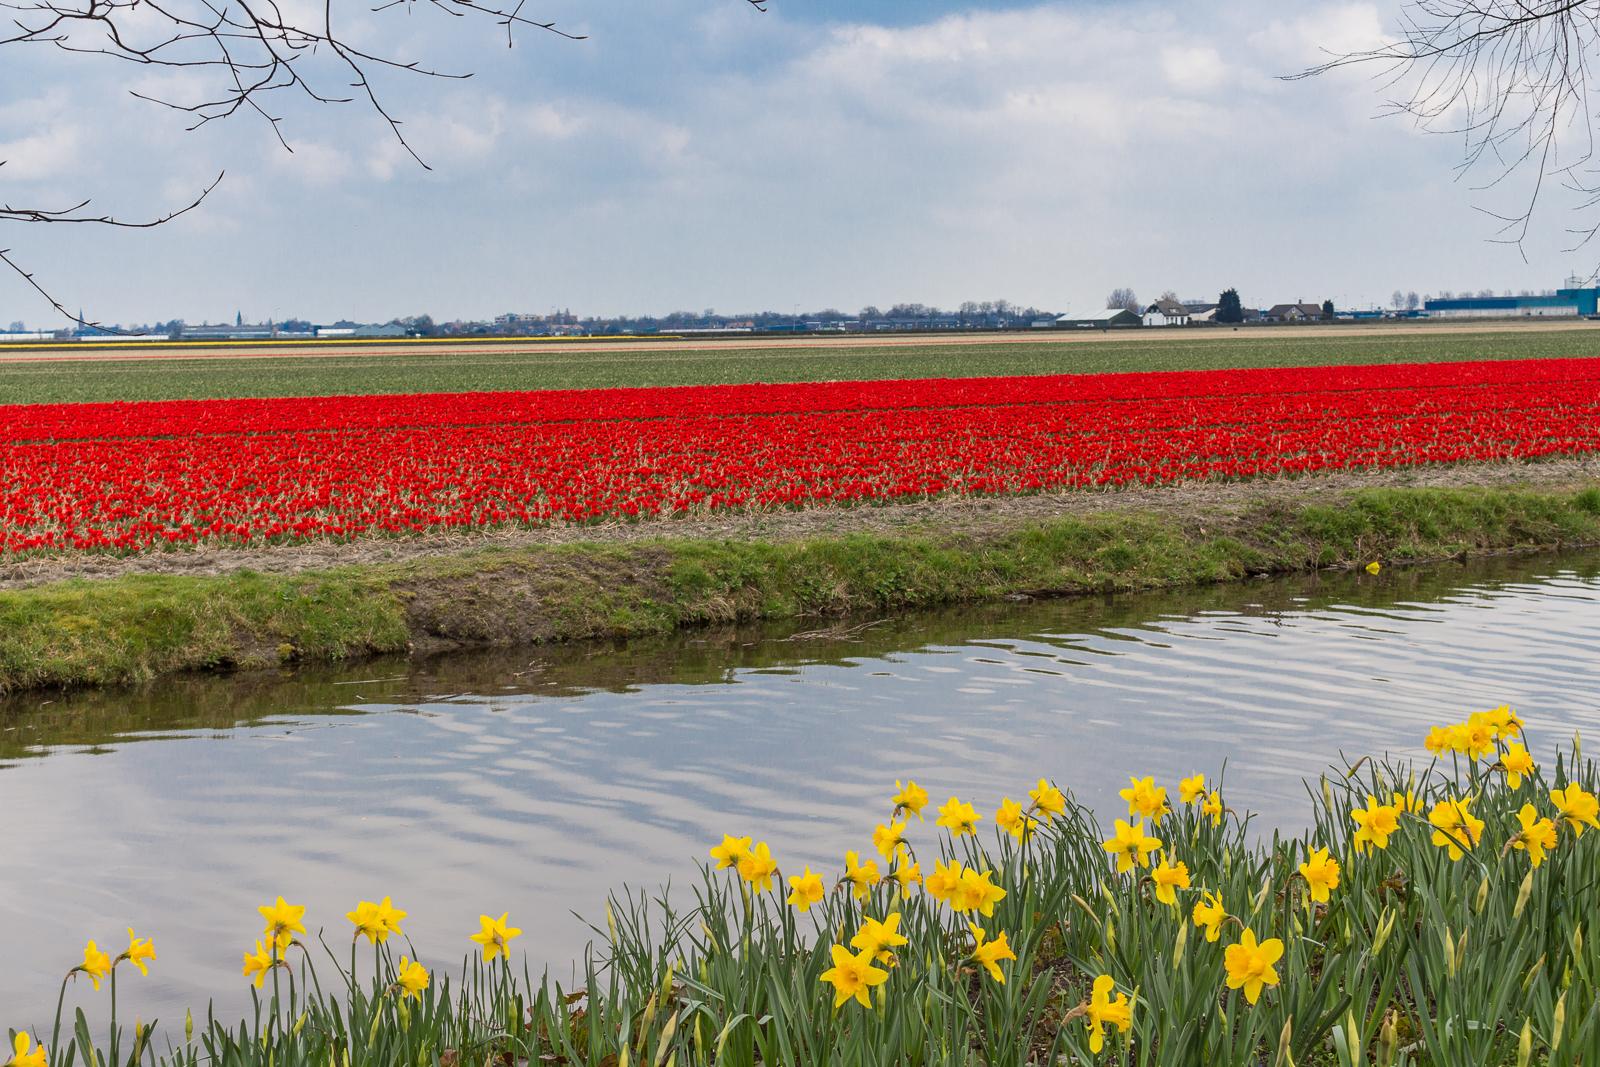 niederlande_noordwijk_keukenhof_reiseblog-2799